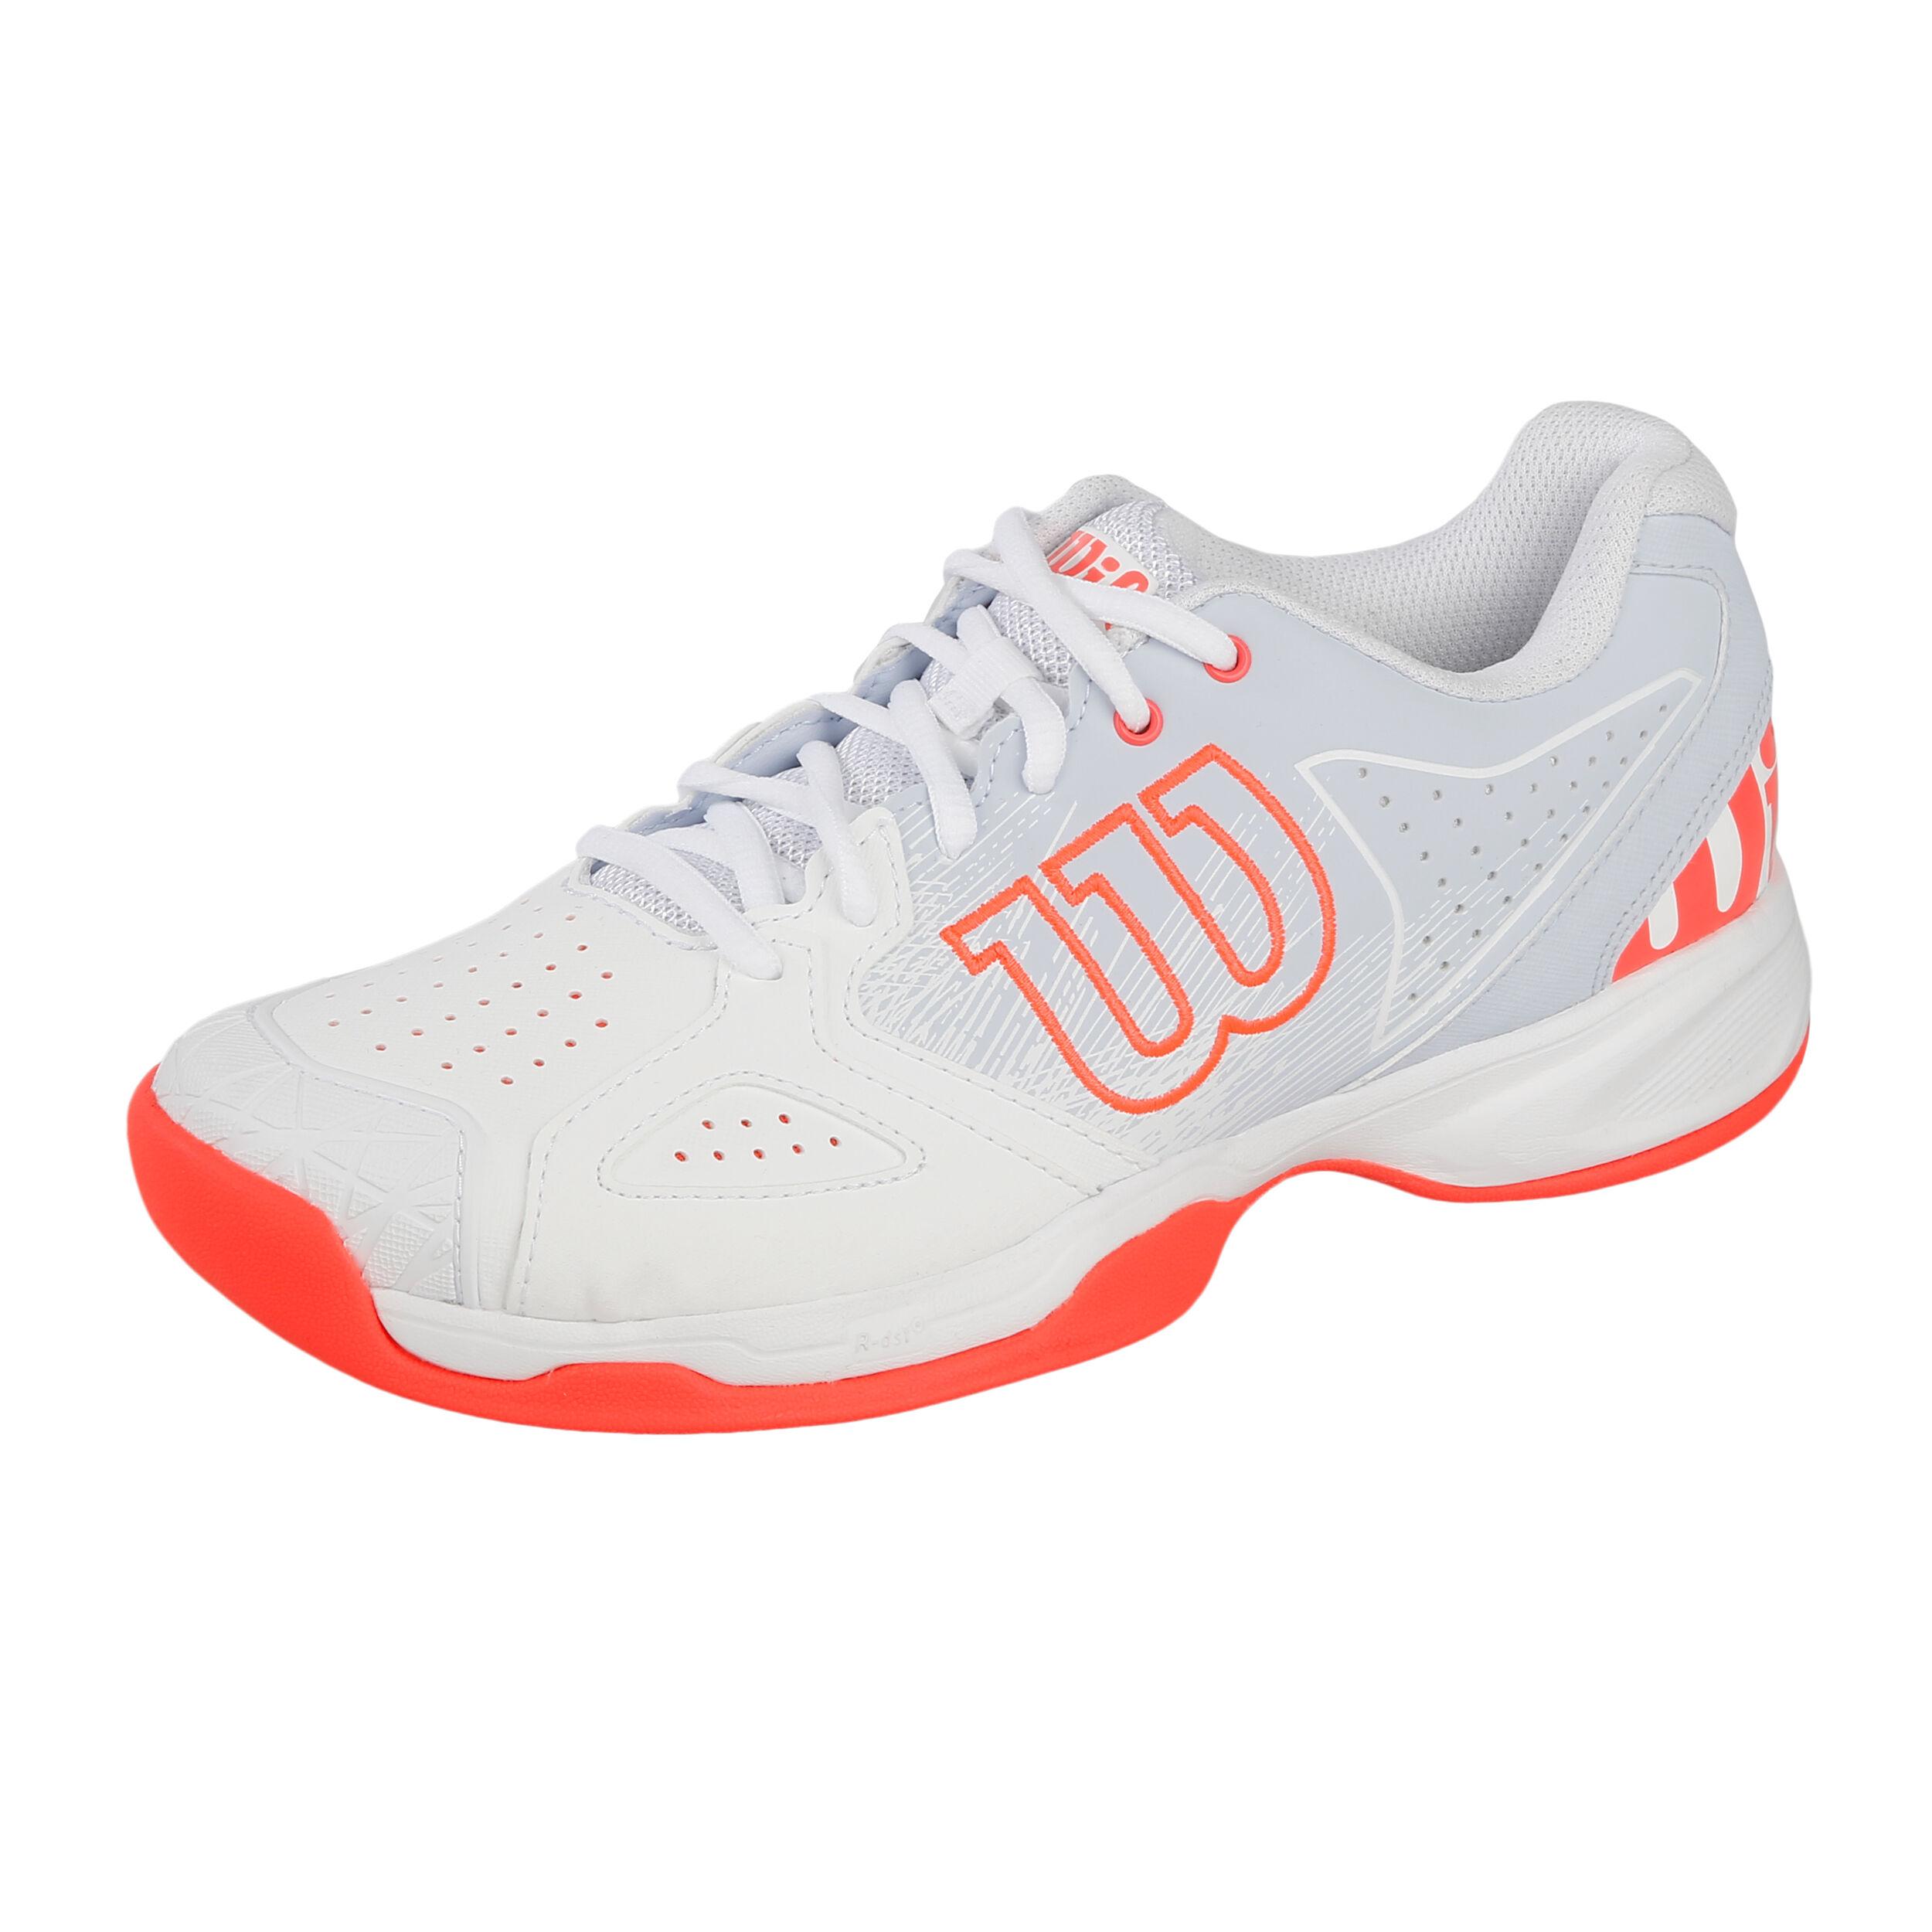 discount code for teppich tennisschuhe damen cd852 e9a66